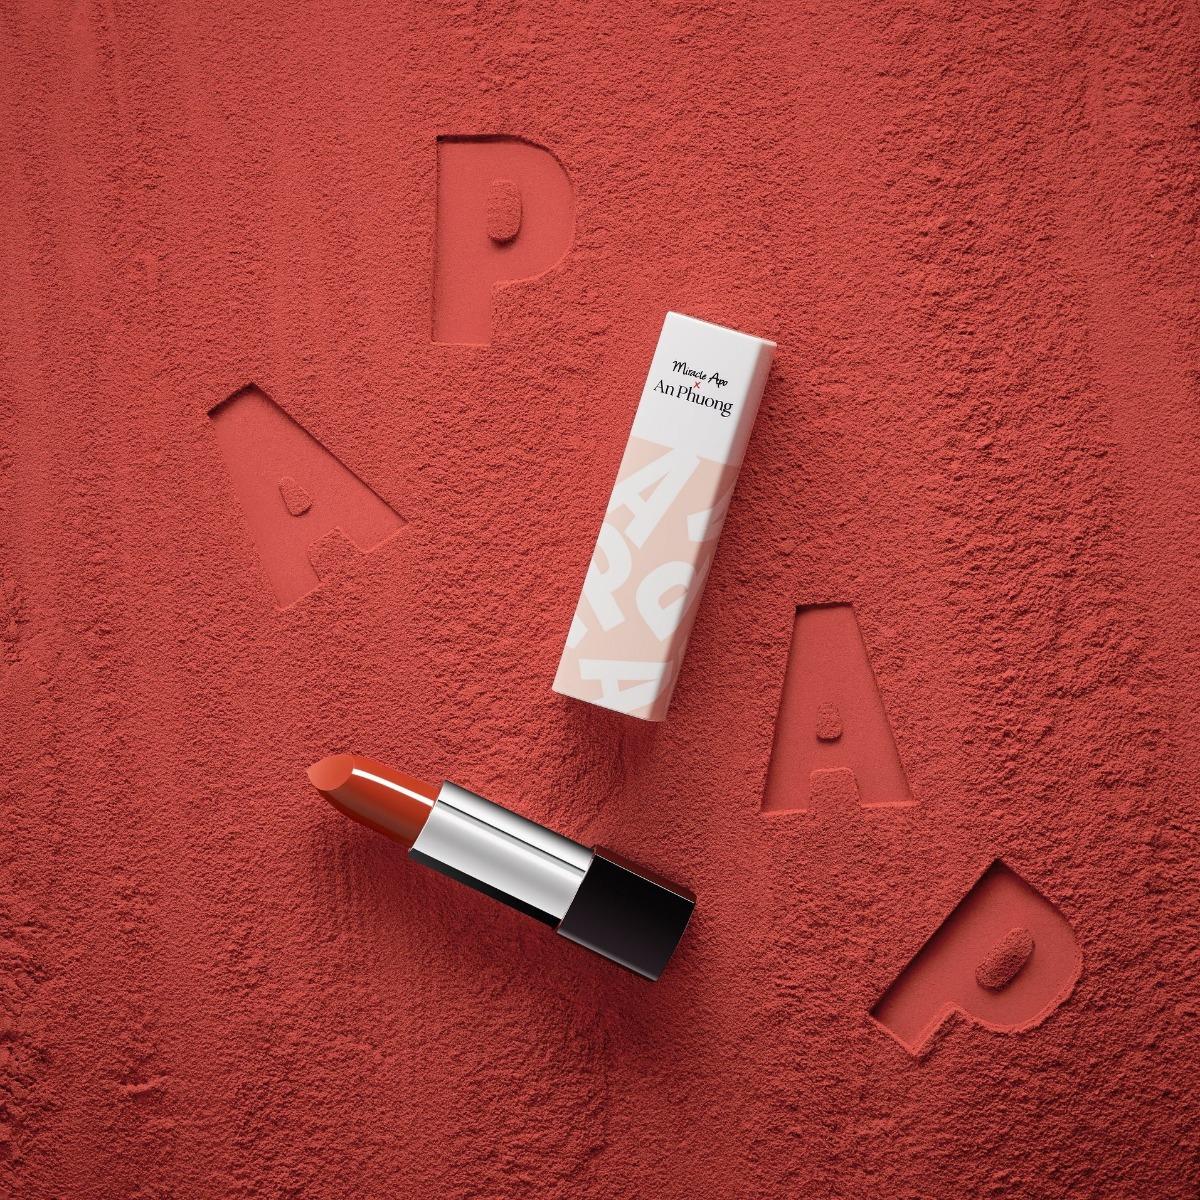 Son Thỏi Miracle Apo x An Phương Silky Satin Lipstick #26 Màu Cam Đỏ Gạch